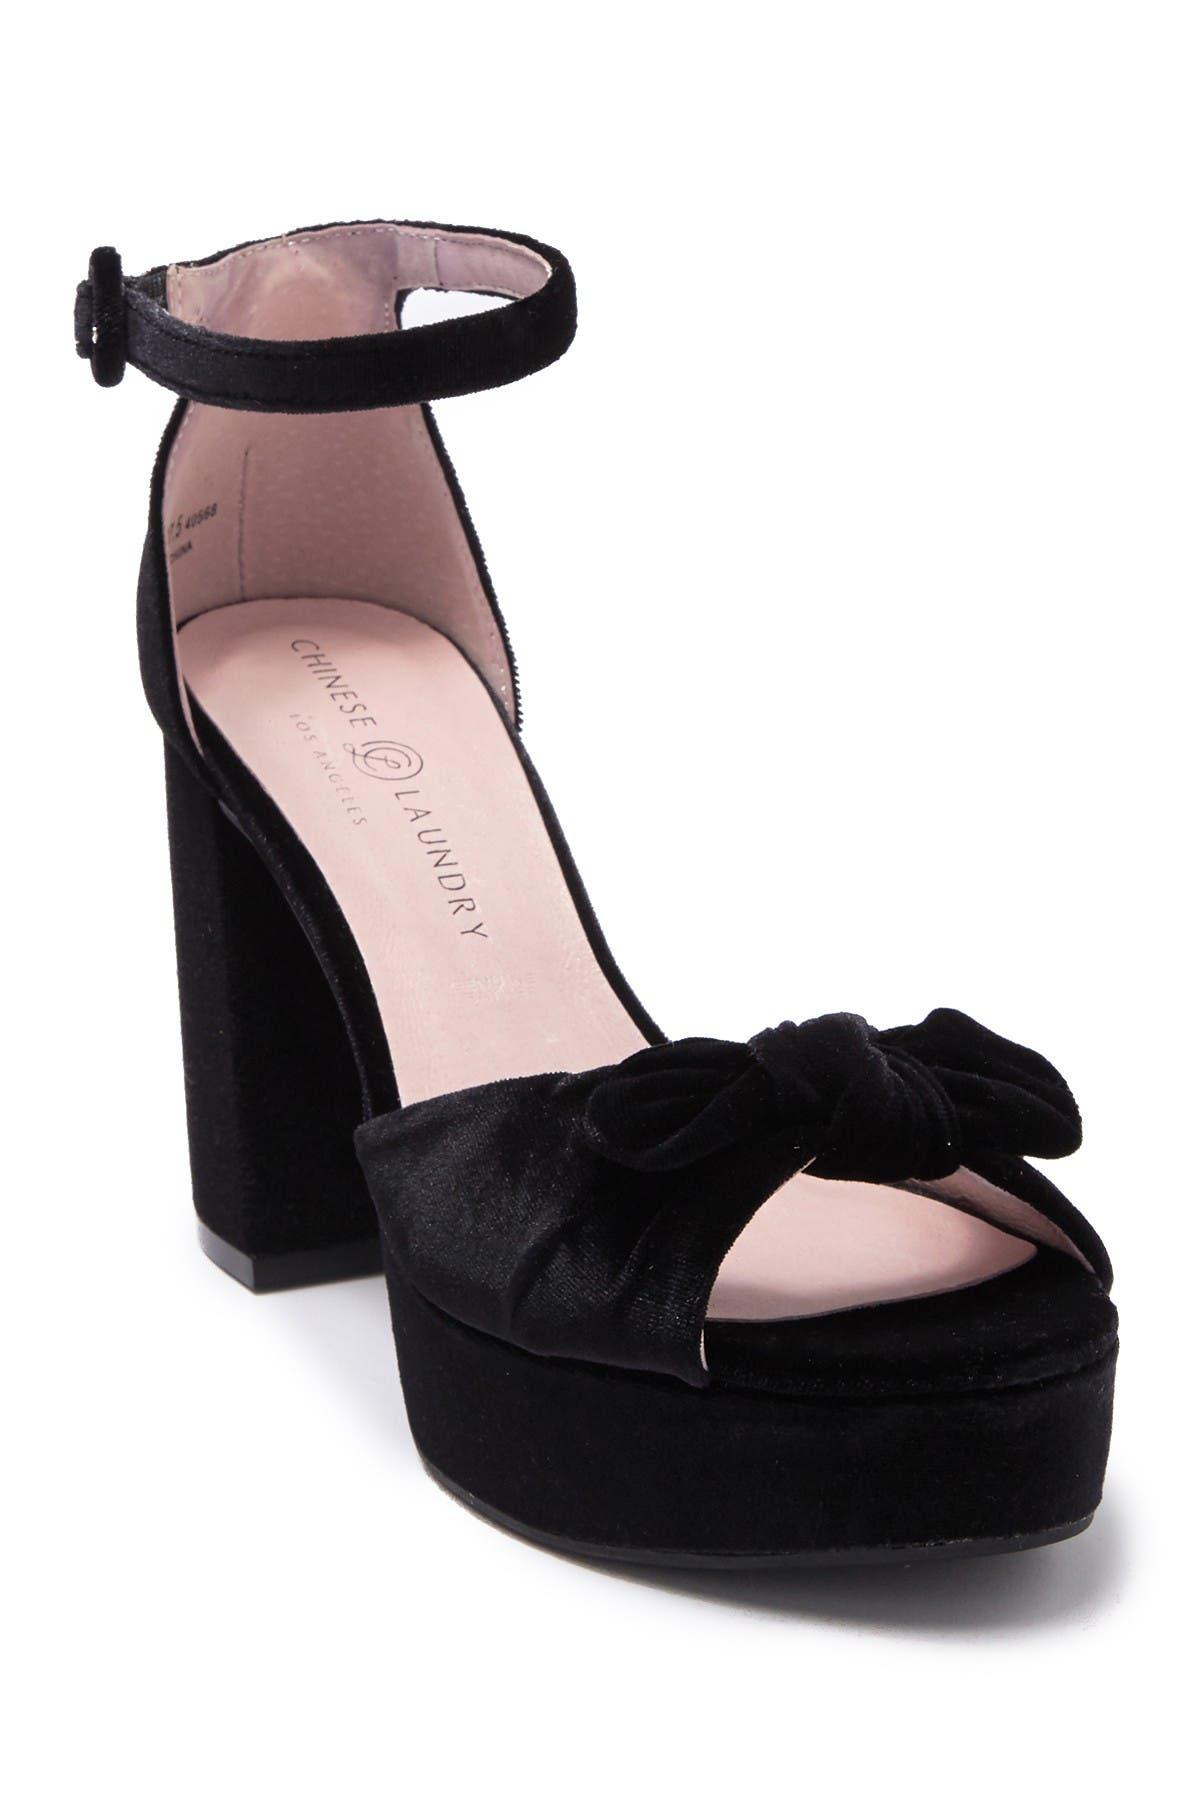 Image of Chinese Laundry Tina Velvet Platform Sandal